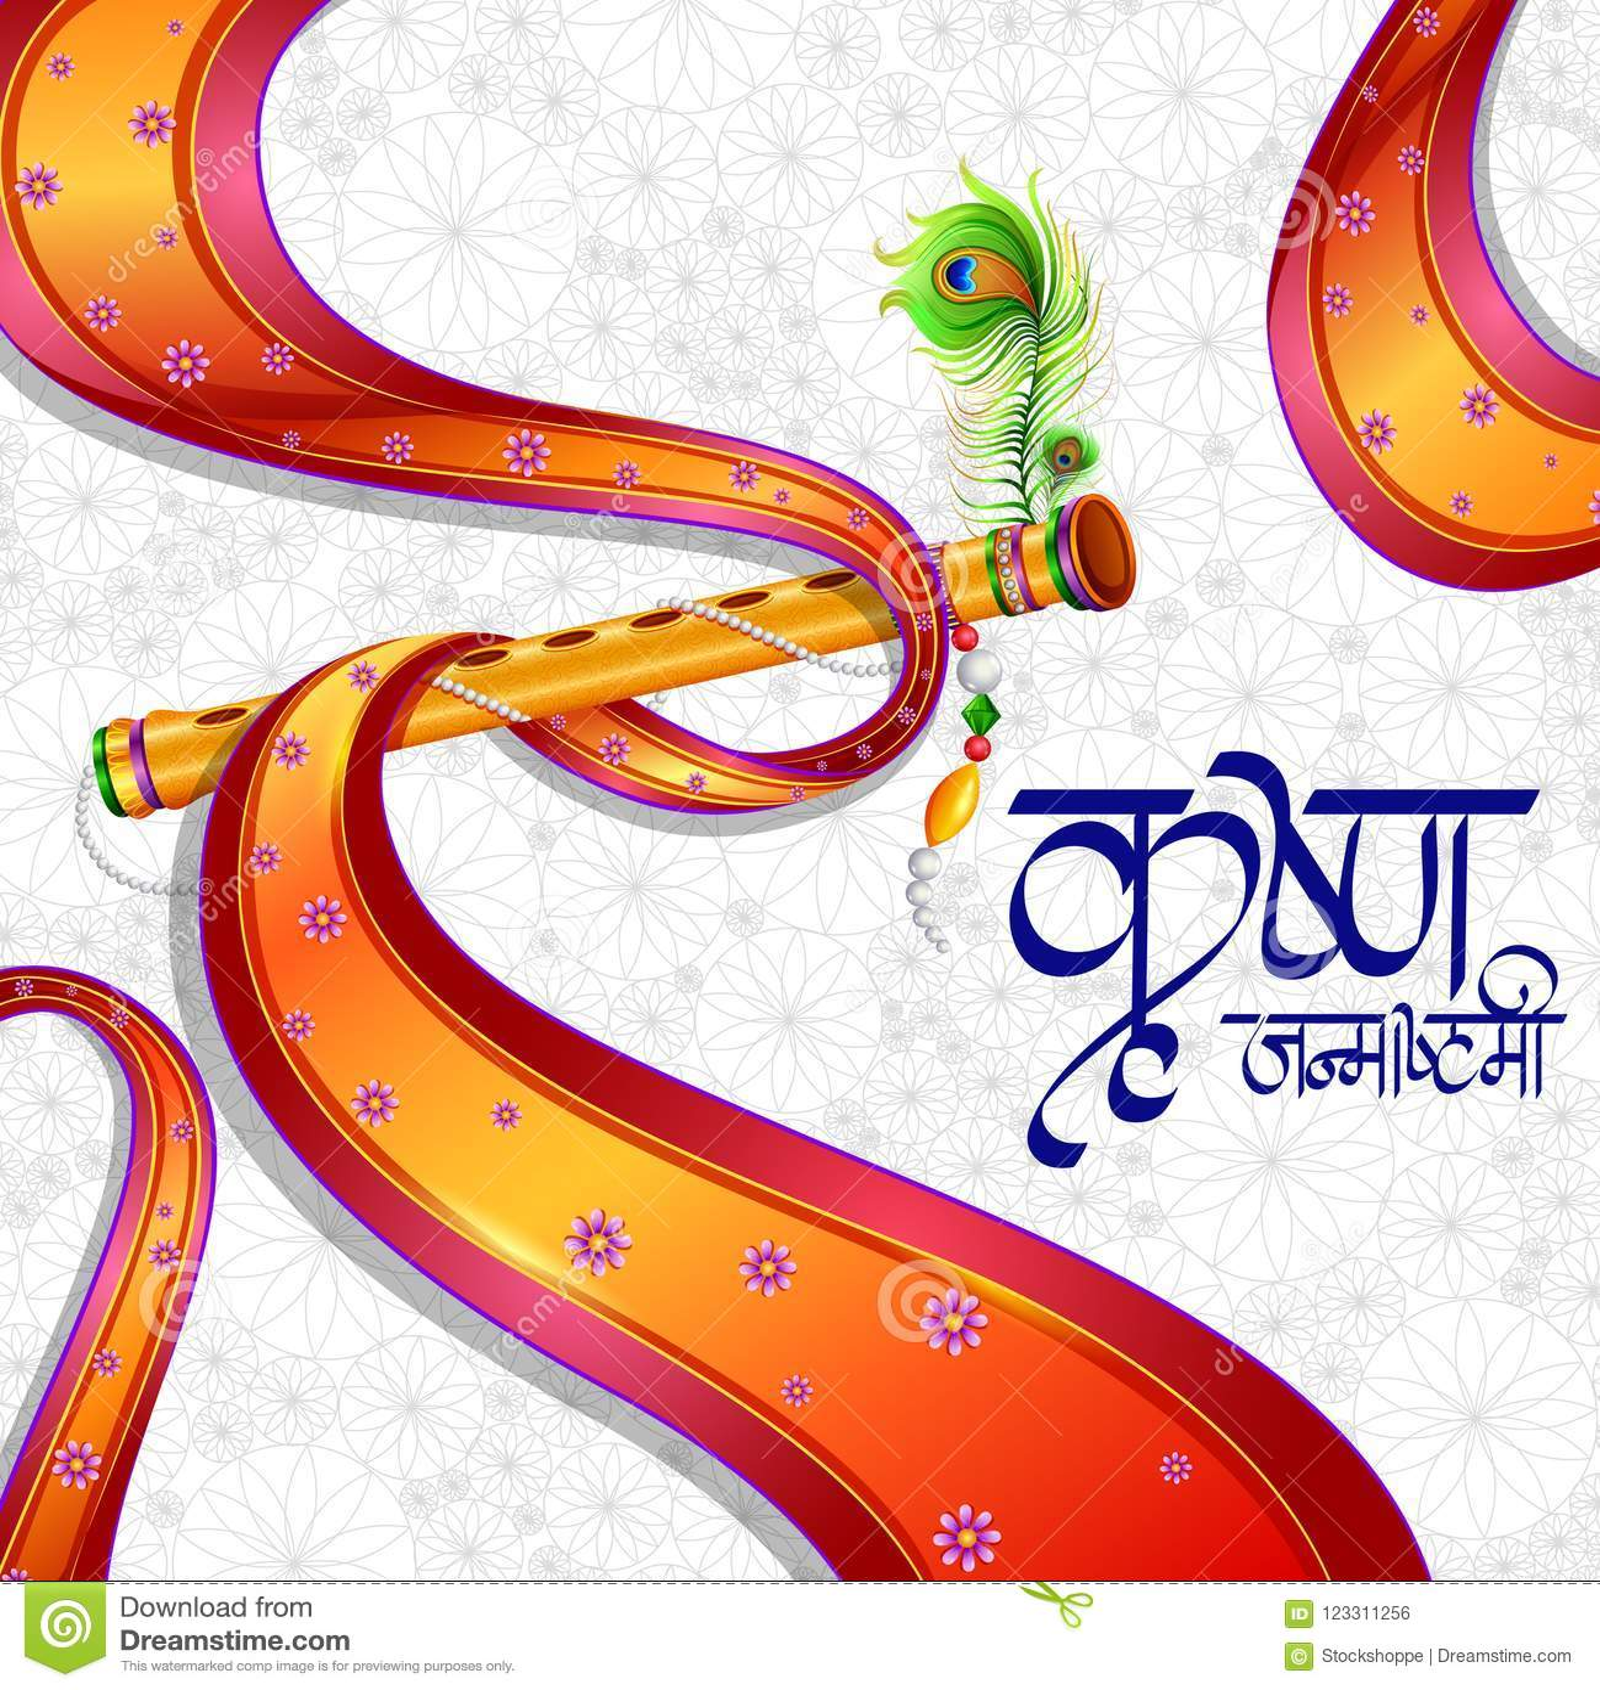 Krishna With Flute On Happy Janmashtami Background Stock